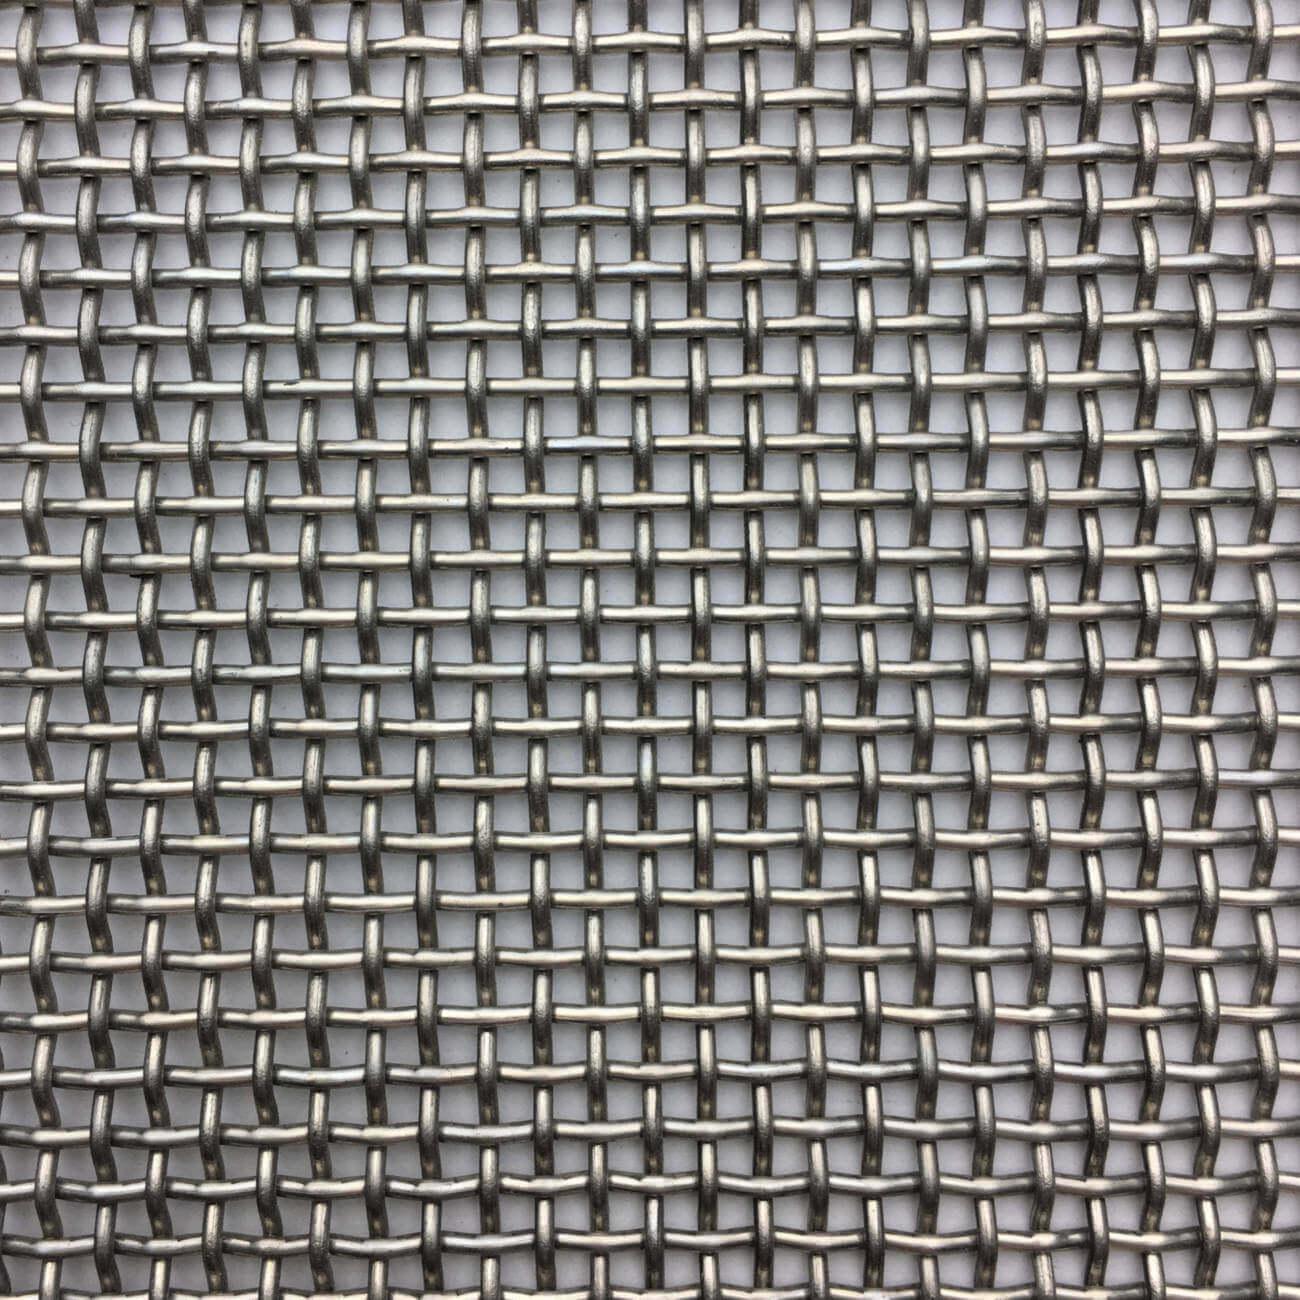 M00818 Fine Woven Wire Mesh Per Metre: 2.08 Openings